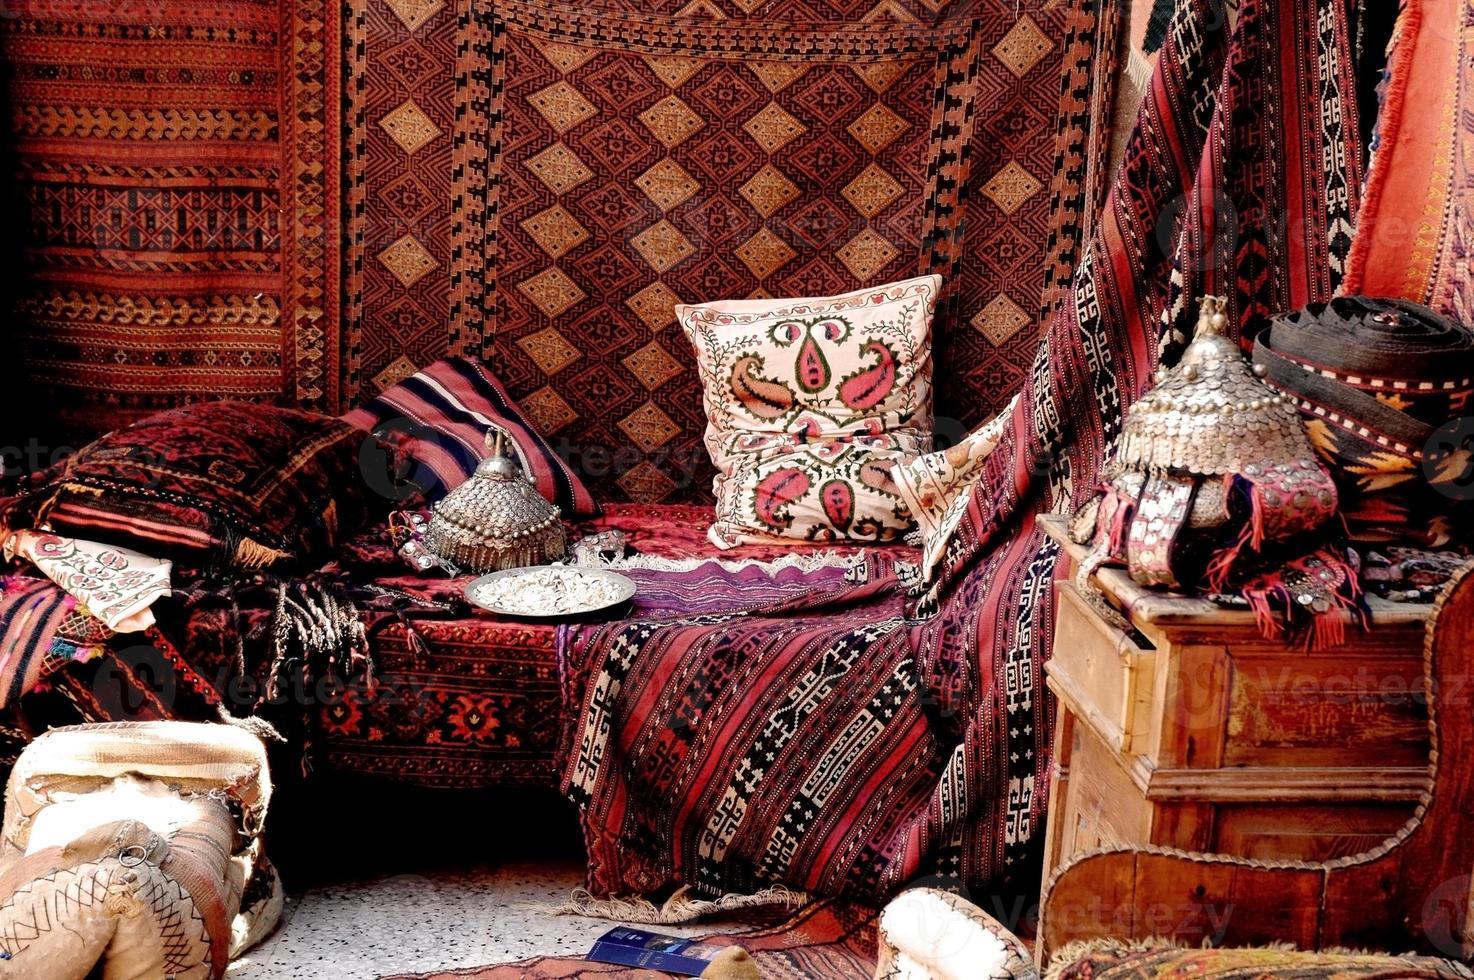 een mooie blik in een Turkse tapijtwinkel in een bazaar foto